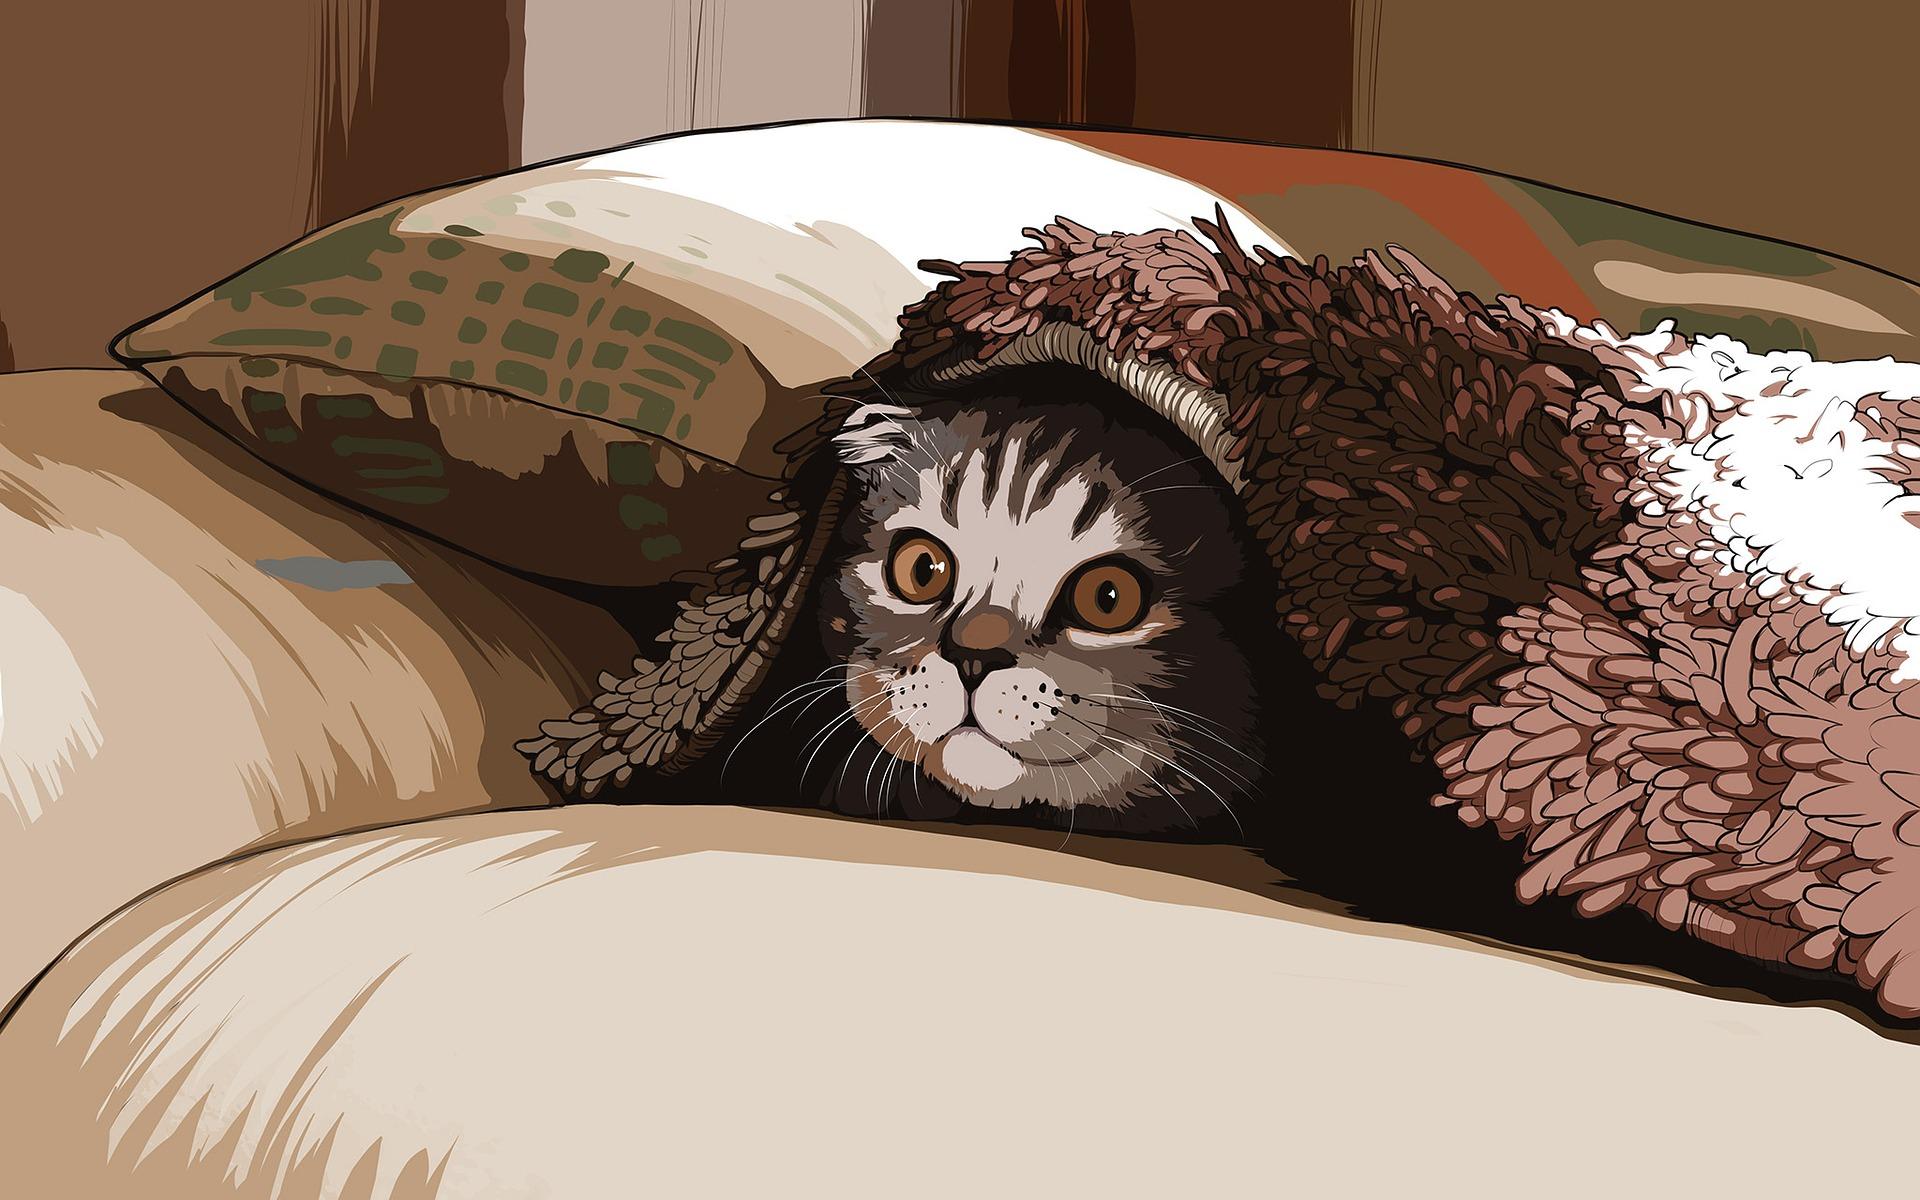 download wallpaper: kat onder een kleed wallpaper